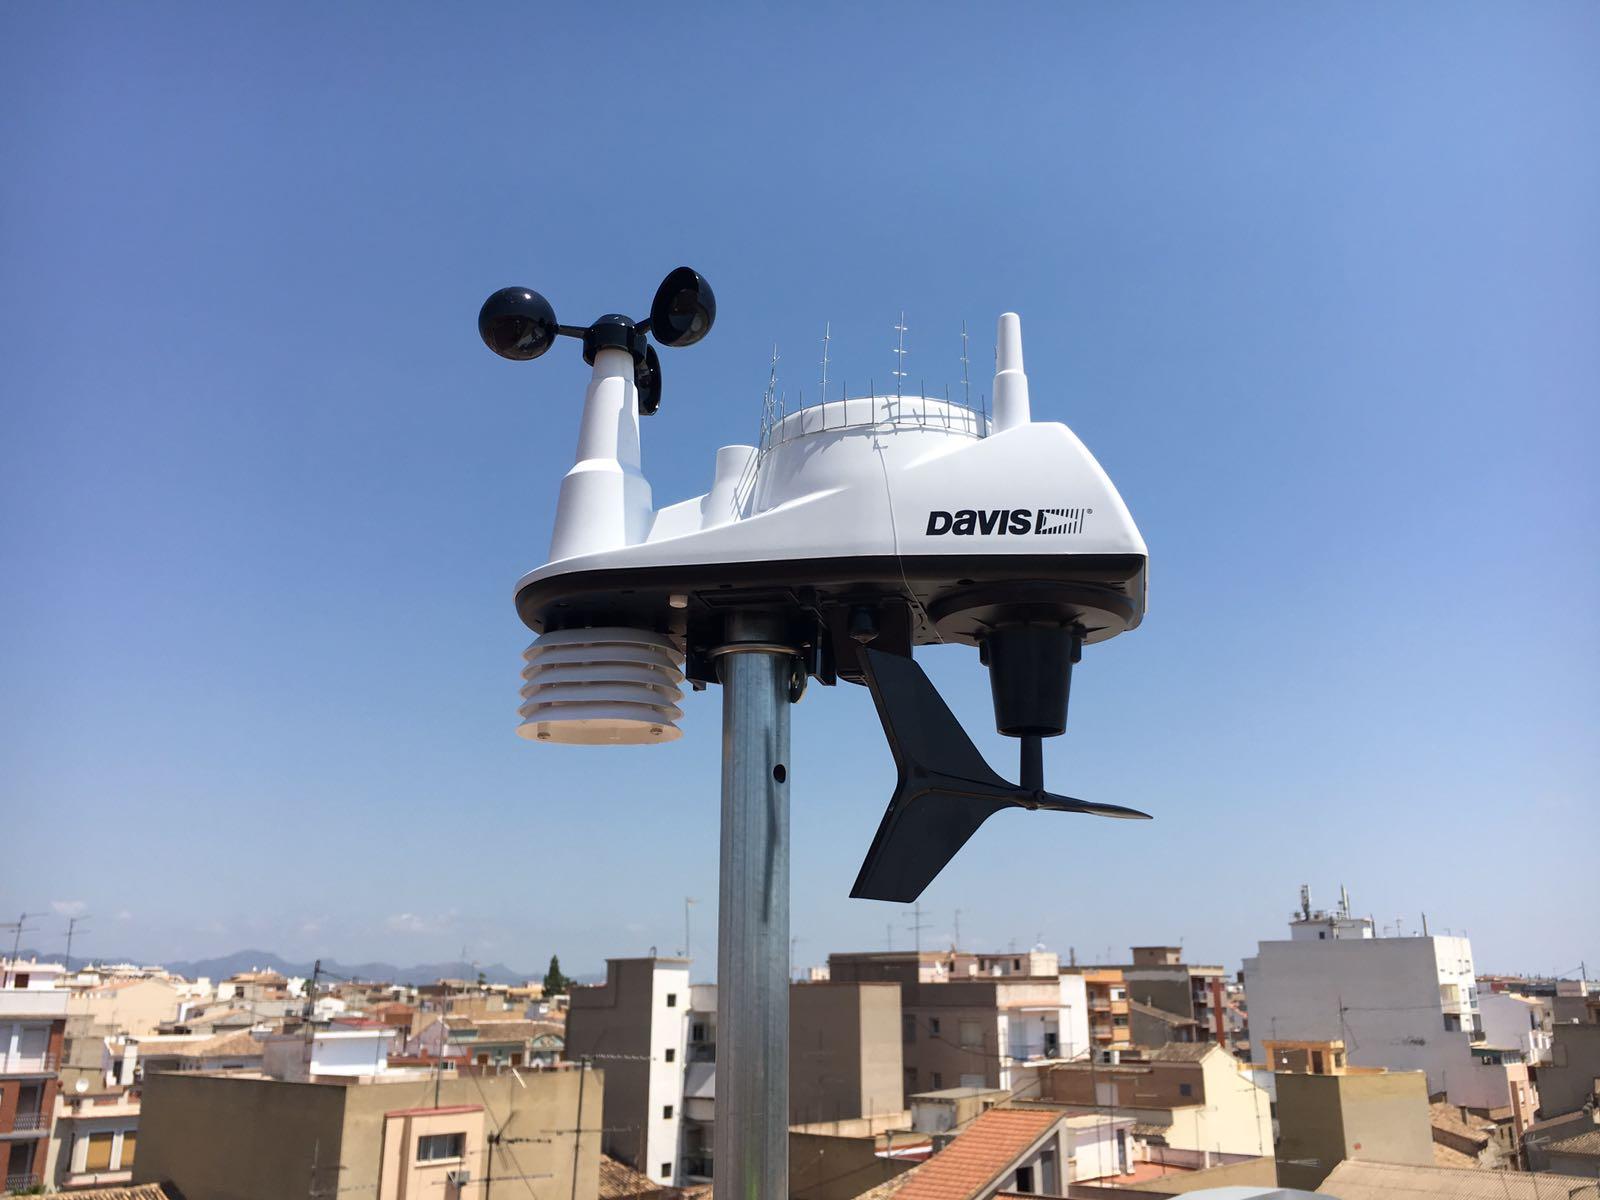 'Ajuntament de la Pobla de Vallbona ha instal·lat una estació meteorològica en el municipi.